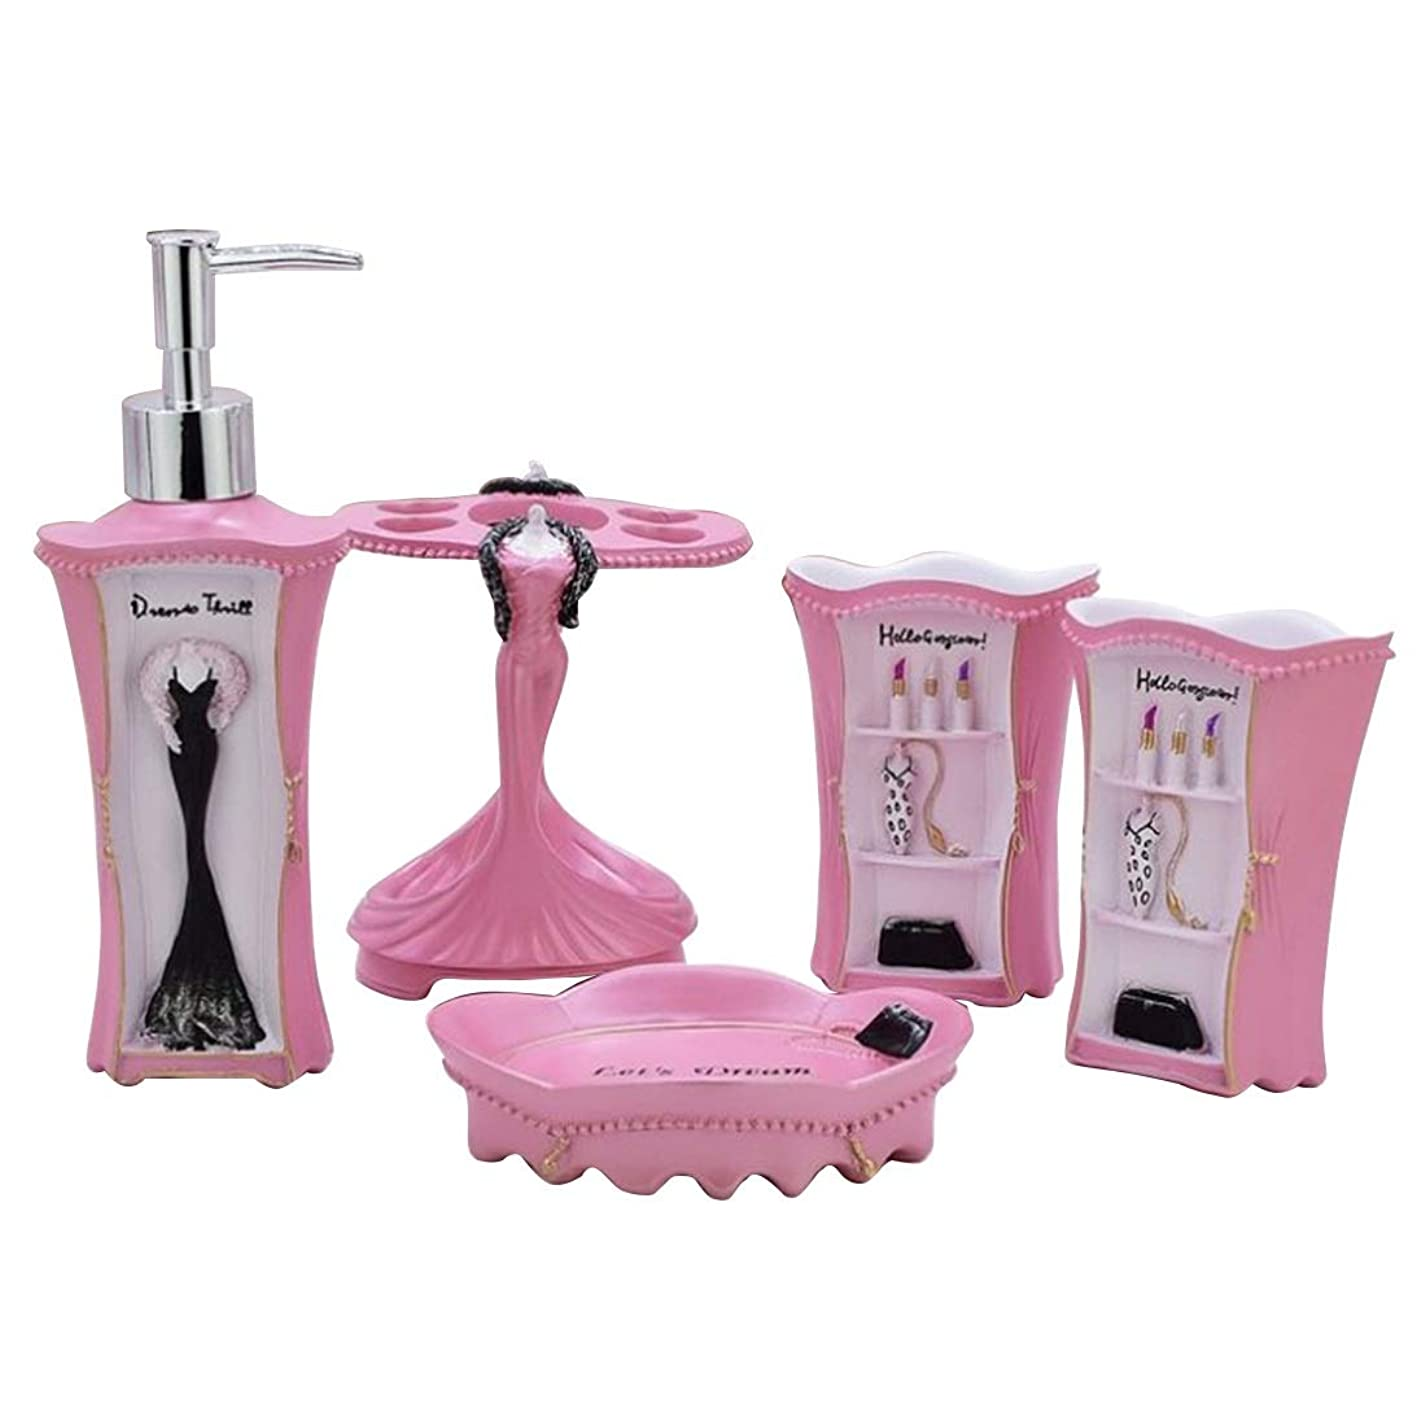 活気づけるバタフライ性差別CAFUTY 5個セット浴室用アクセサリーセットピュア?イン?ピンクバス用アクセサリーバスタブセットローションボトル、歯ブラシホルダー、歯ブラシ* 2、石けんディッシュ (Color : ピンク)